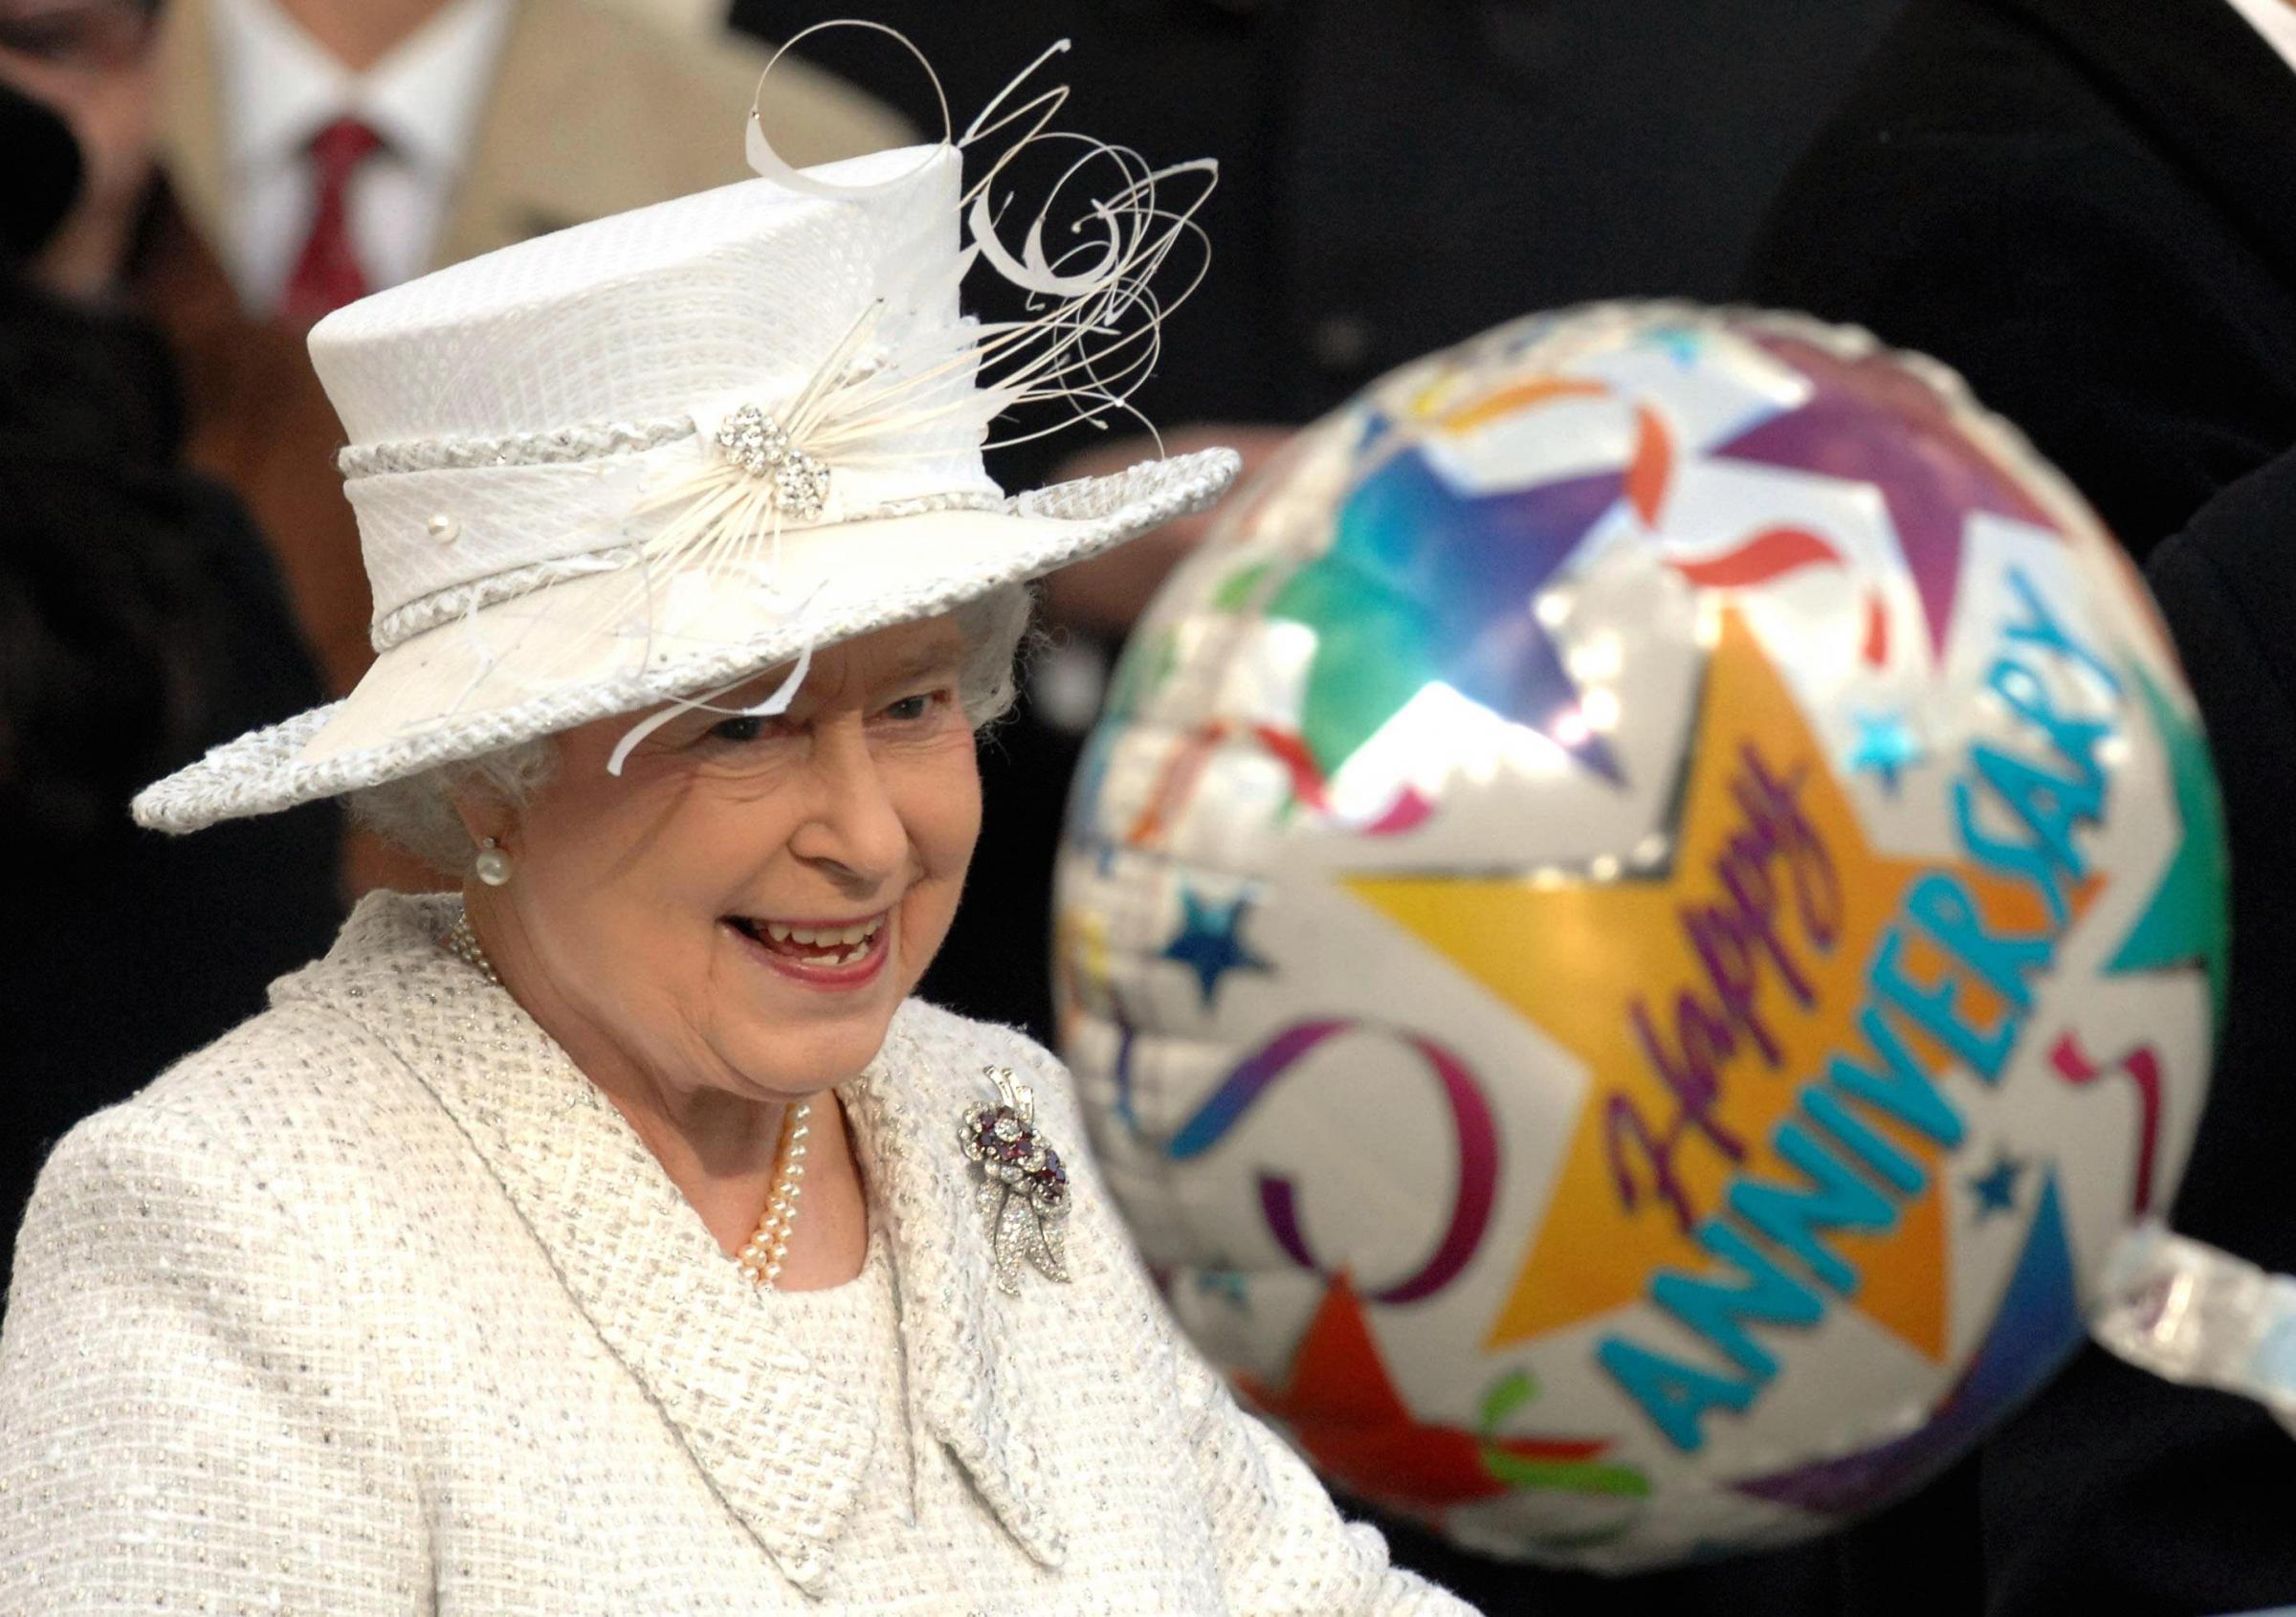 Regno Unito, 69mo anniversario di matrimonio per la Regina Elisabetta